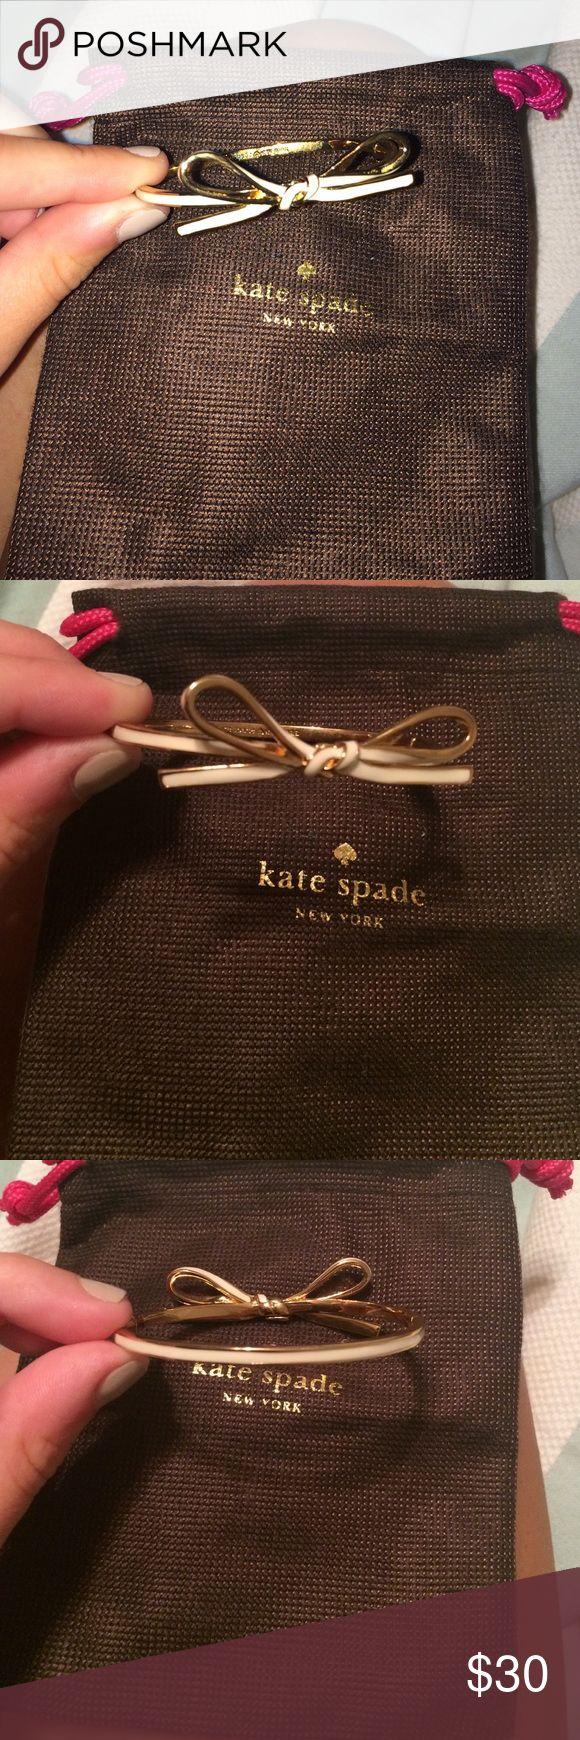 Kate spade bangle Kaye spade now bangle Kate Spade Jewelry Bracelets